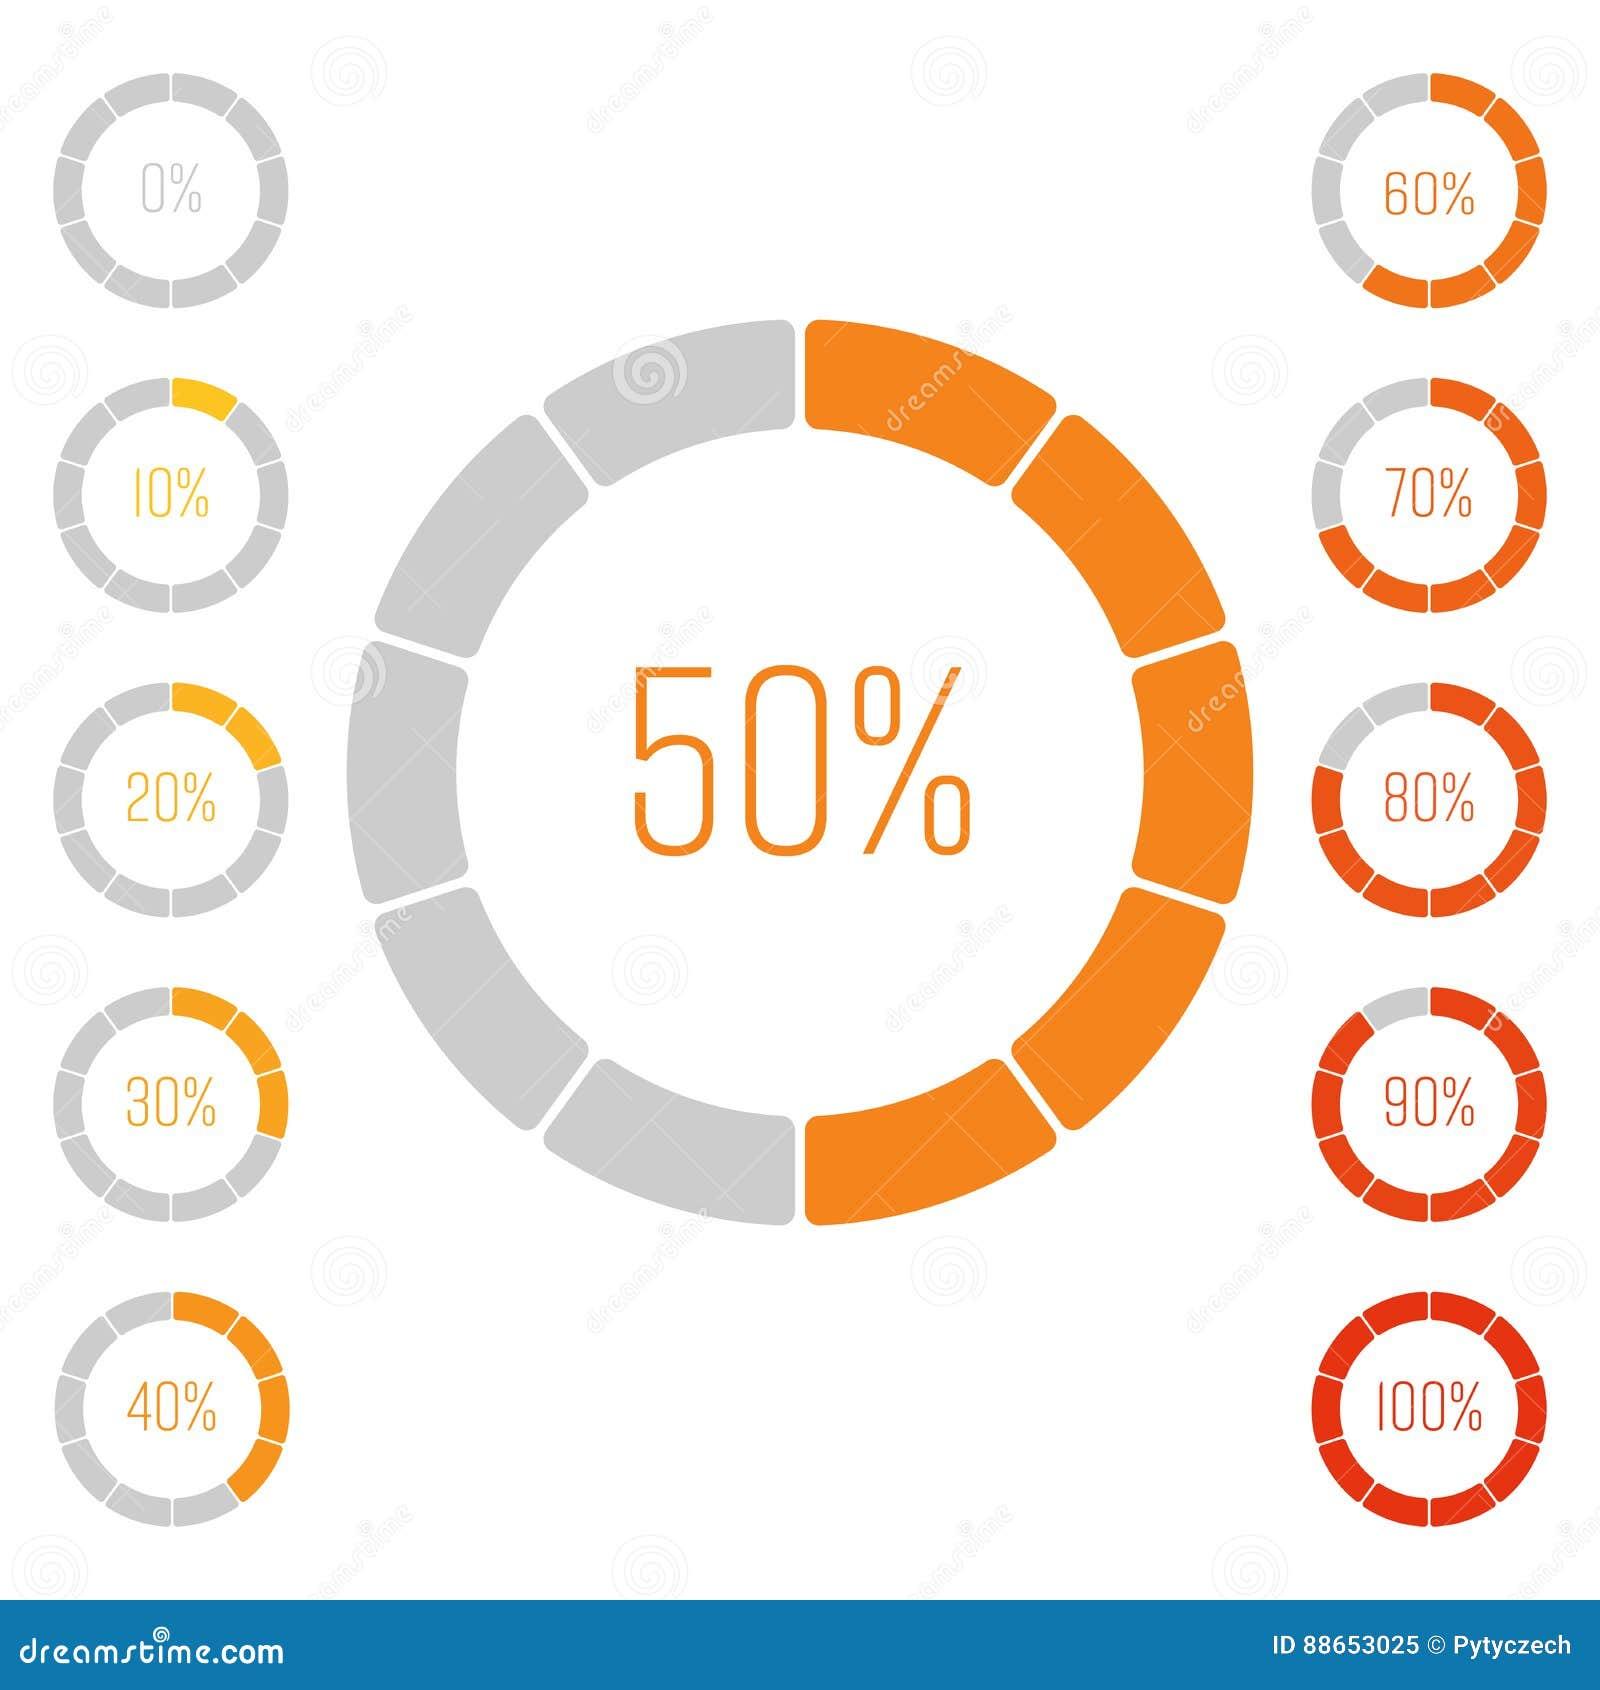 Insieme Dei Diagrammi A Torta Dell'anello Con Valore Di Percentuale Analisi Del Rendimento In Percento Infographic Grigio-arancio Illustrazione Vettoriale - Illustrazione di illustrazione, vendita: 88653025